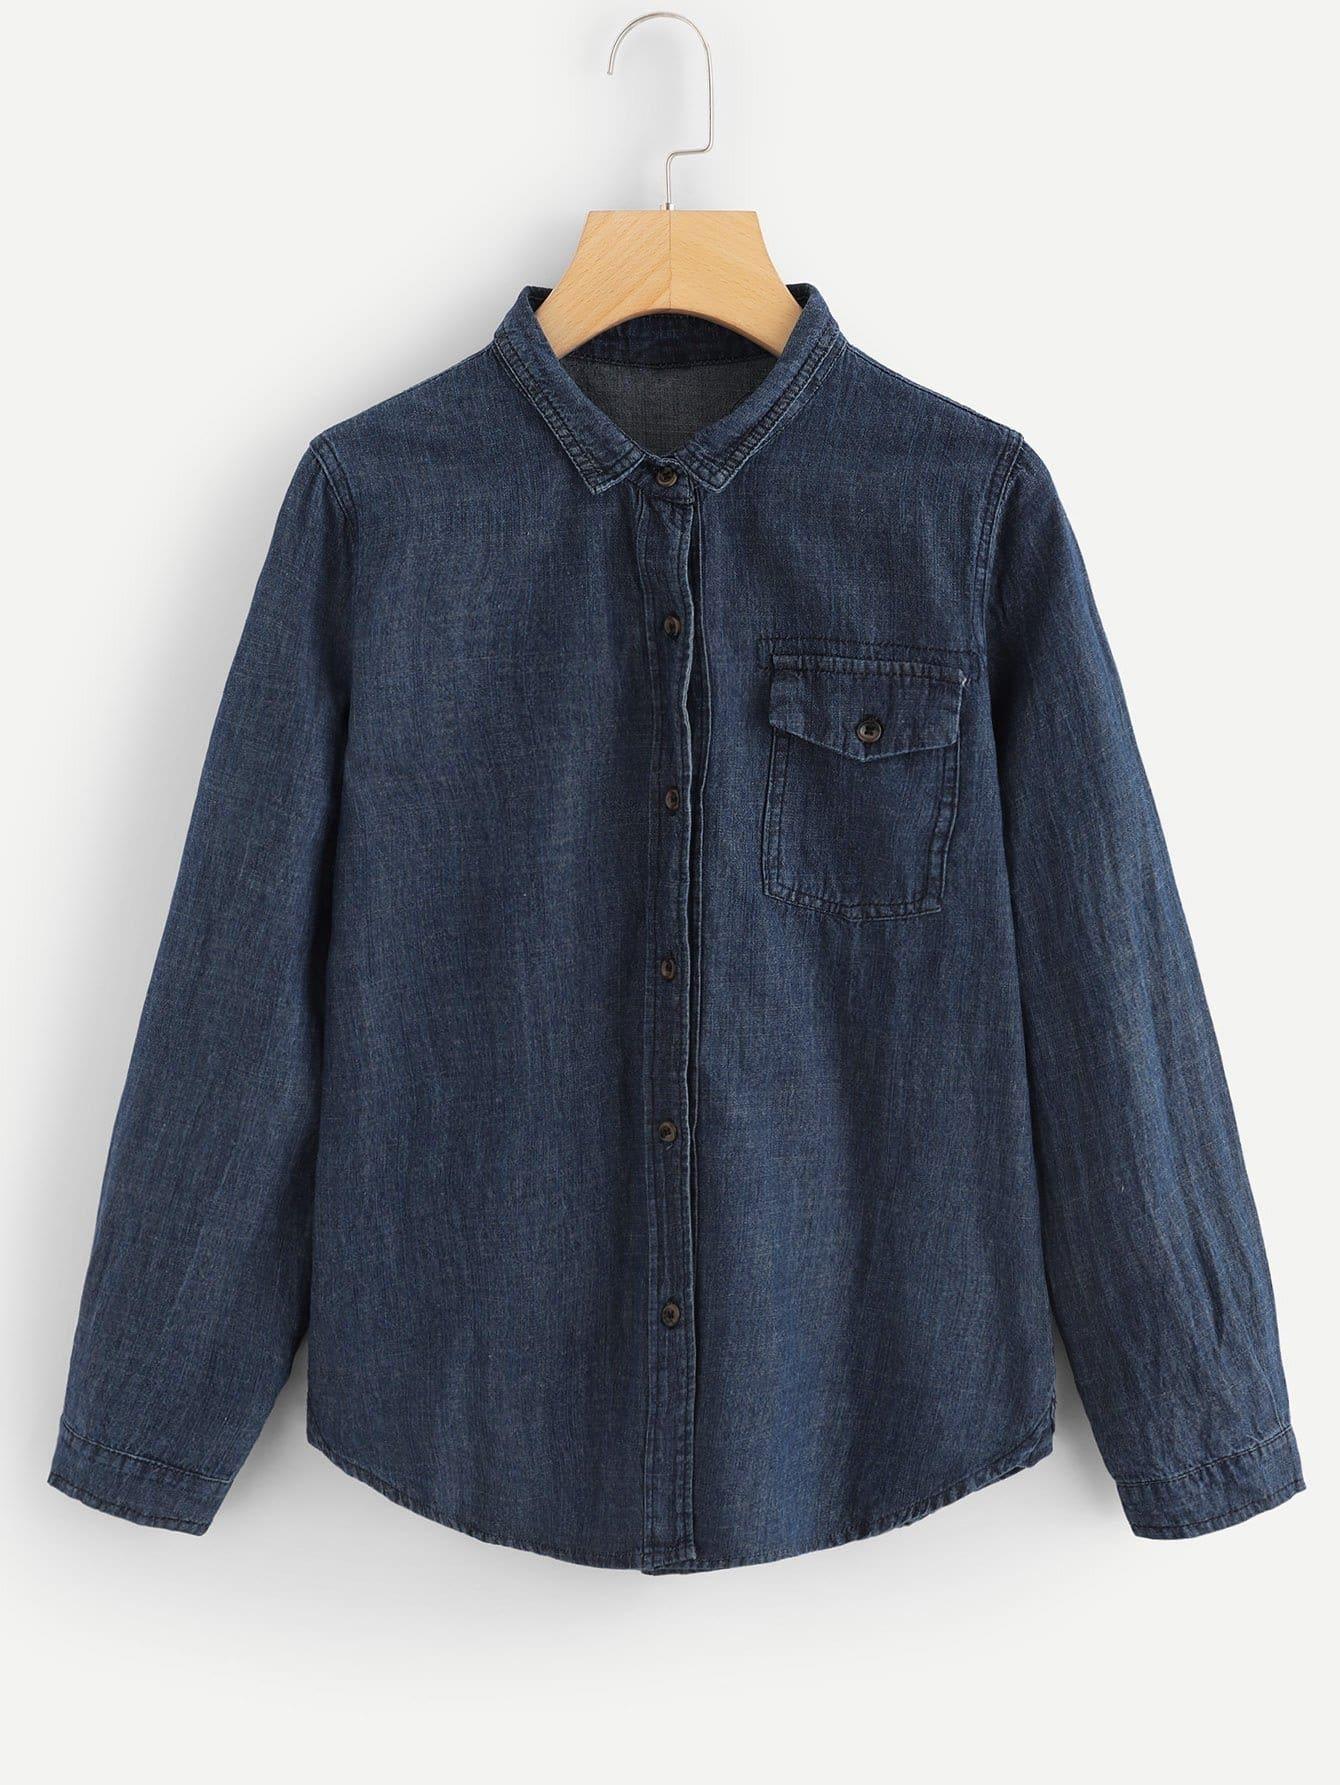 Купить Простая джинсовая футболка с украшением пуговицы, null, SheIn